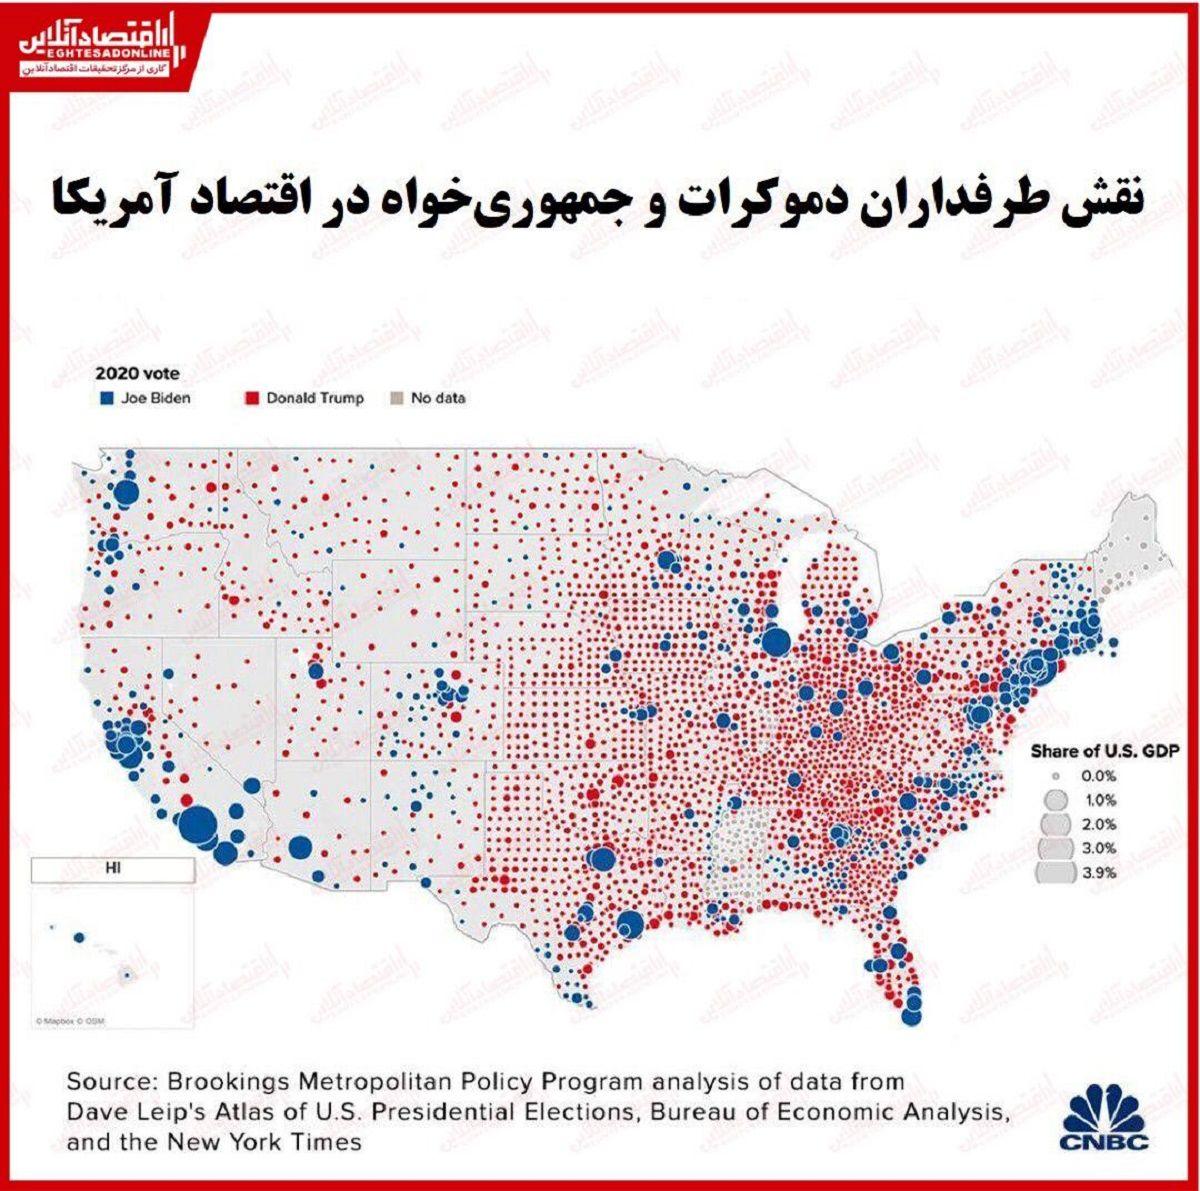 طرفداران بایدن ۷۰درصد از اقتصاد آمریکا را تامین میکنند